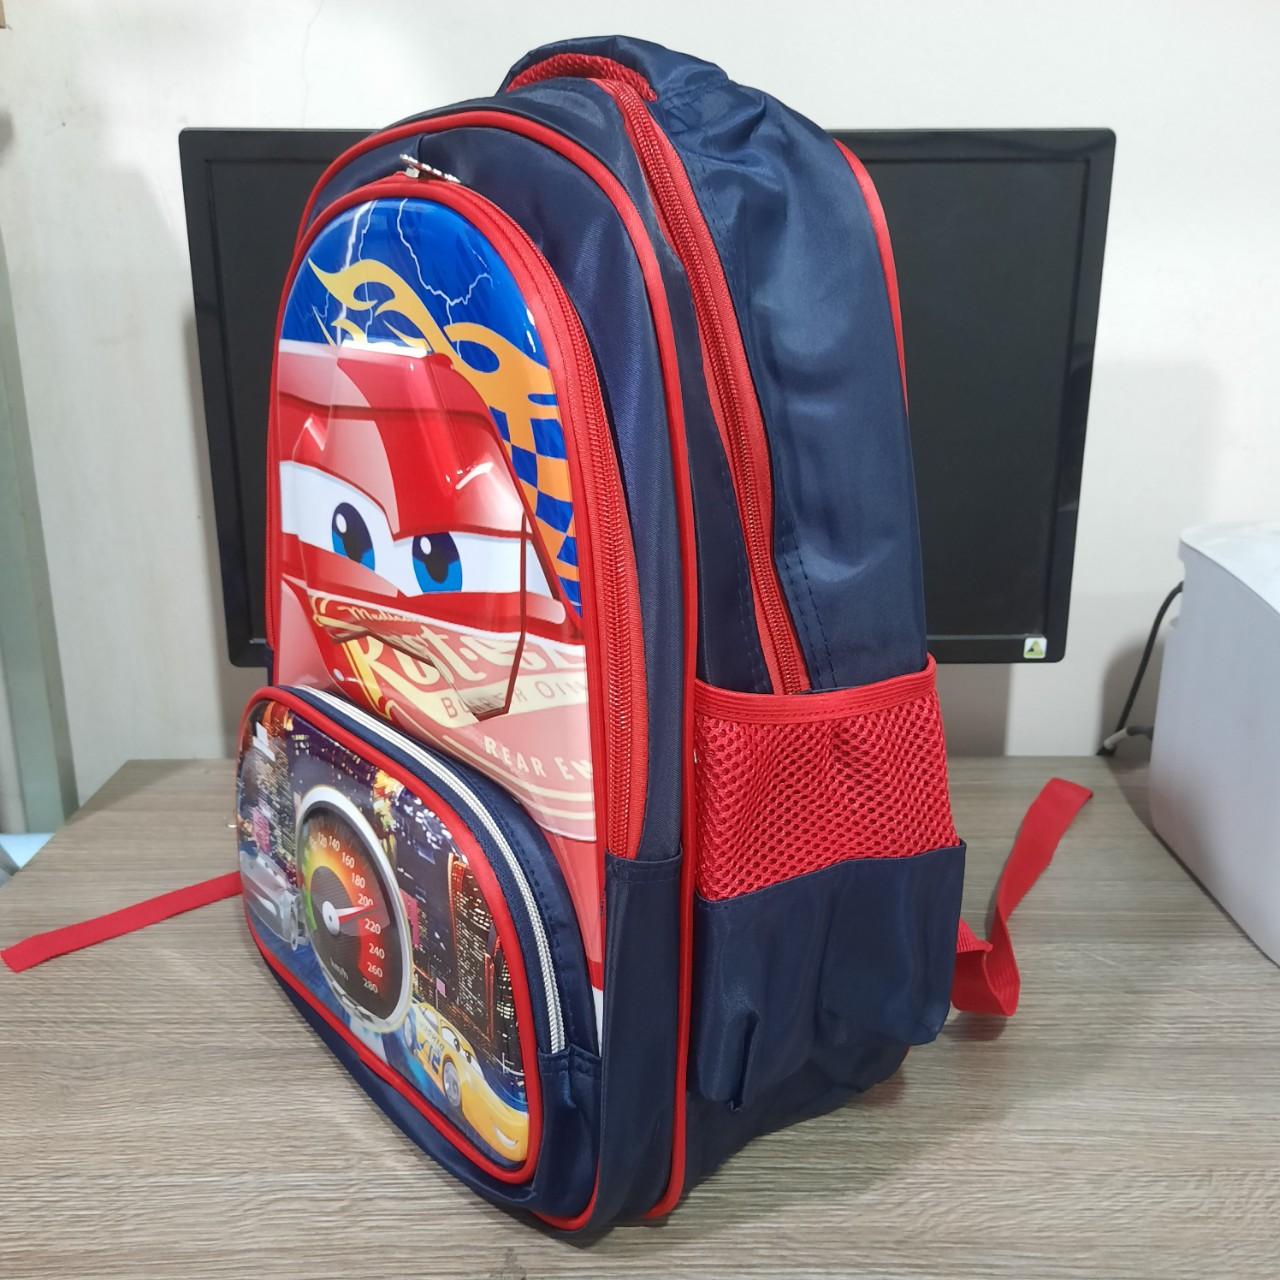 Balo học sinh cấp 1-2 di học In Hình nhện-xe thời trang 1612 Shalla N54 (cung cấp  balo học sinh giá sỉ)